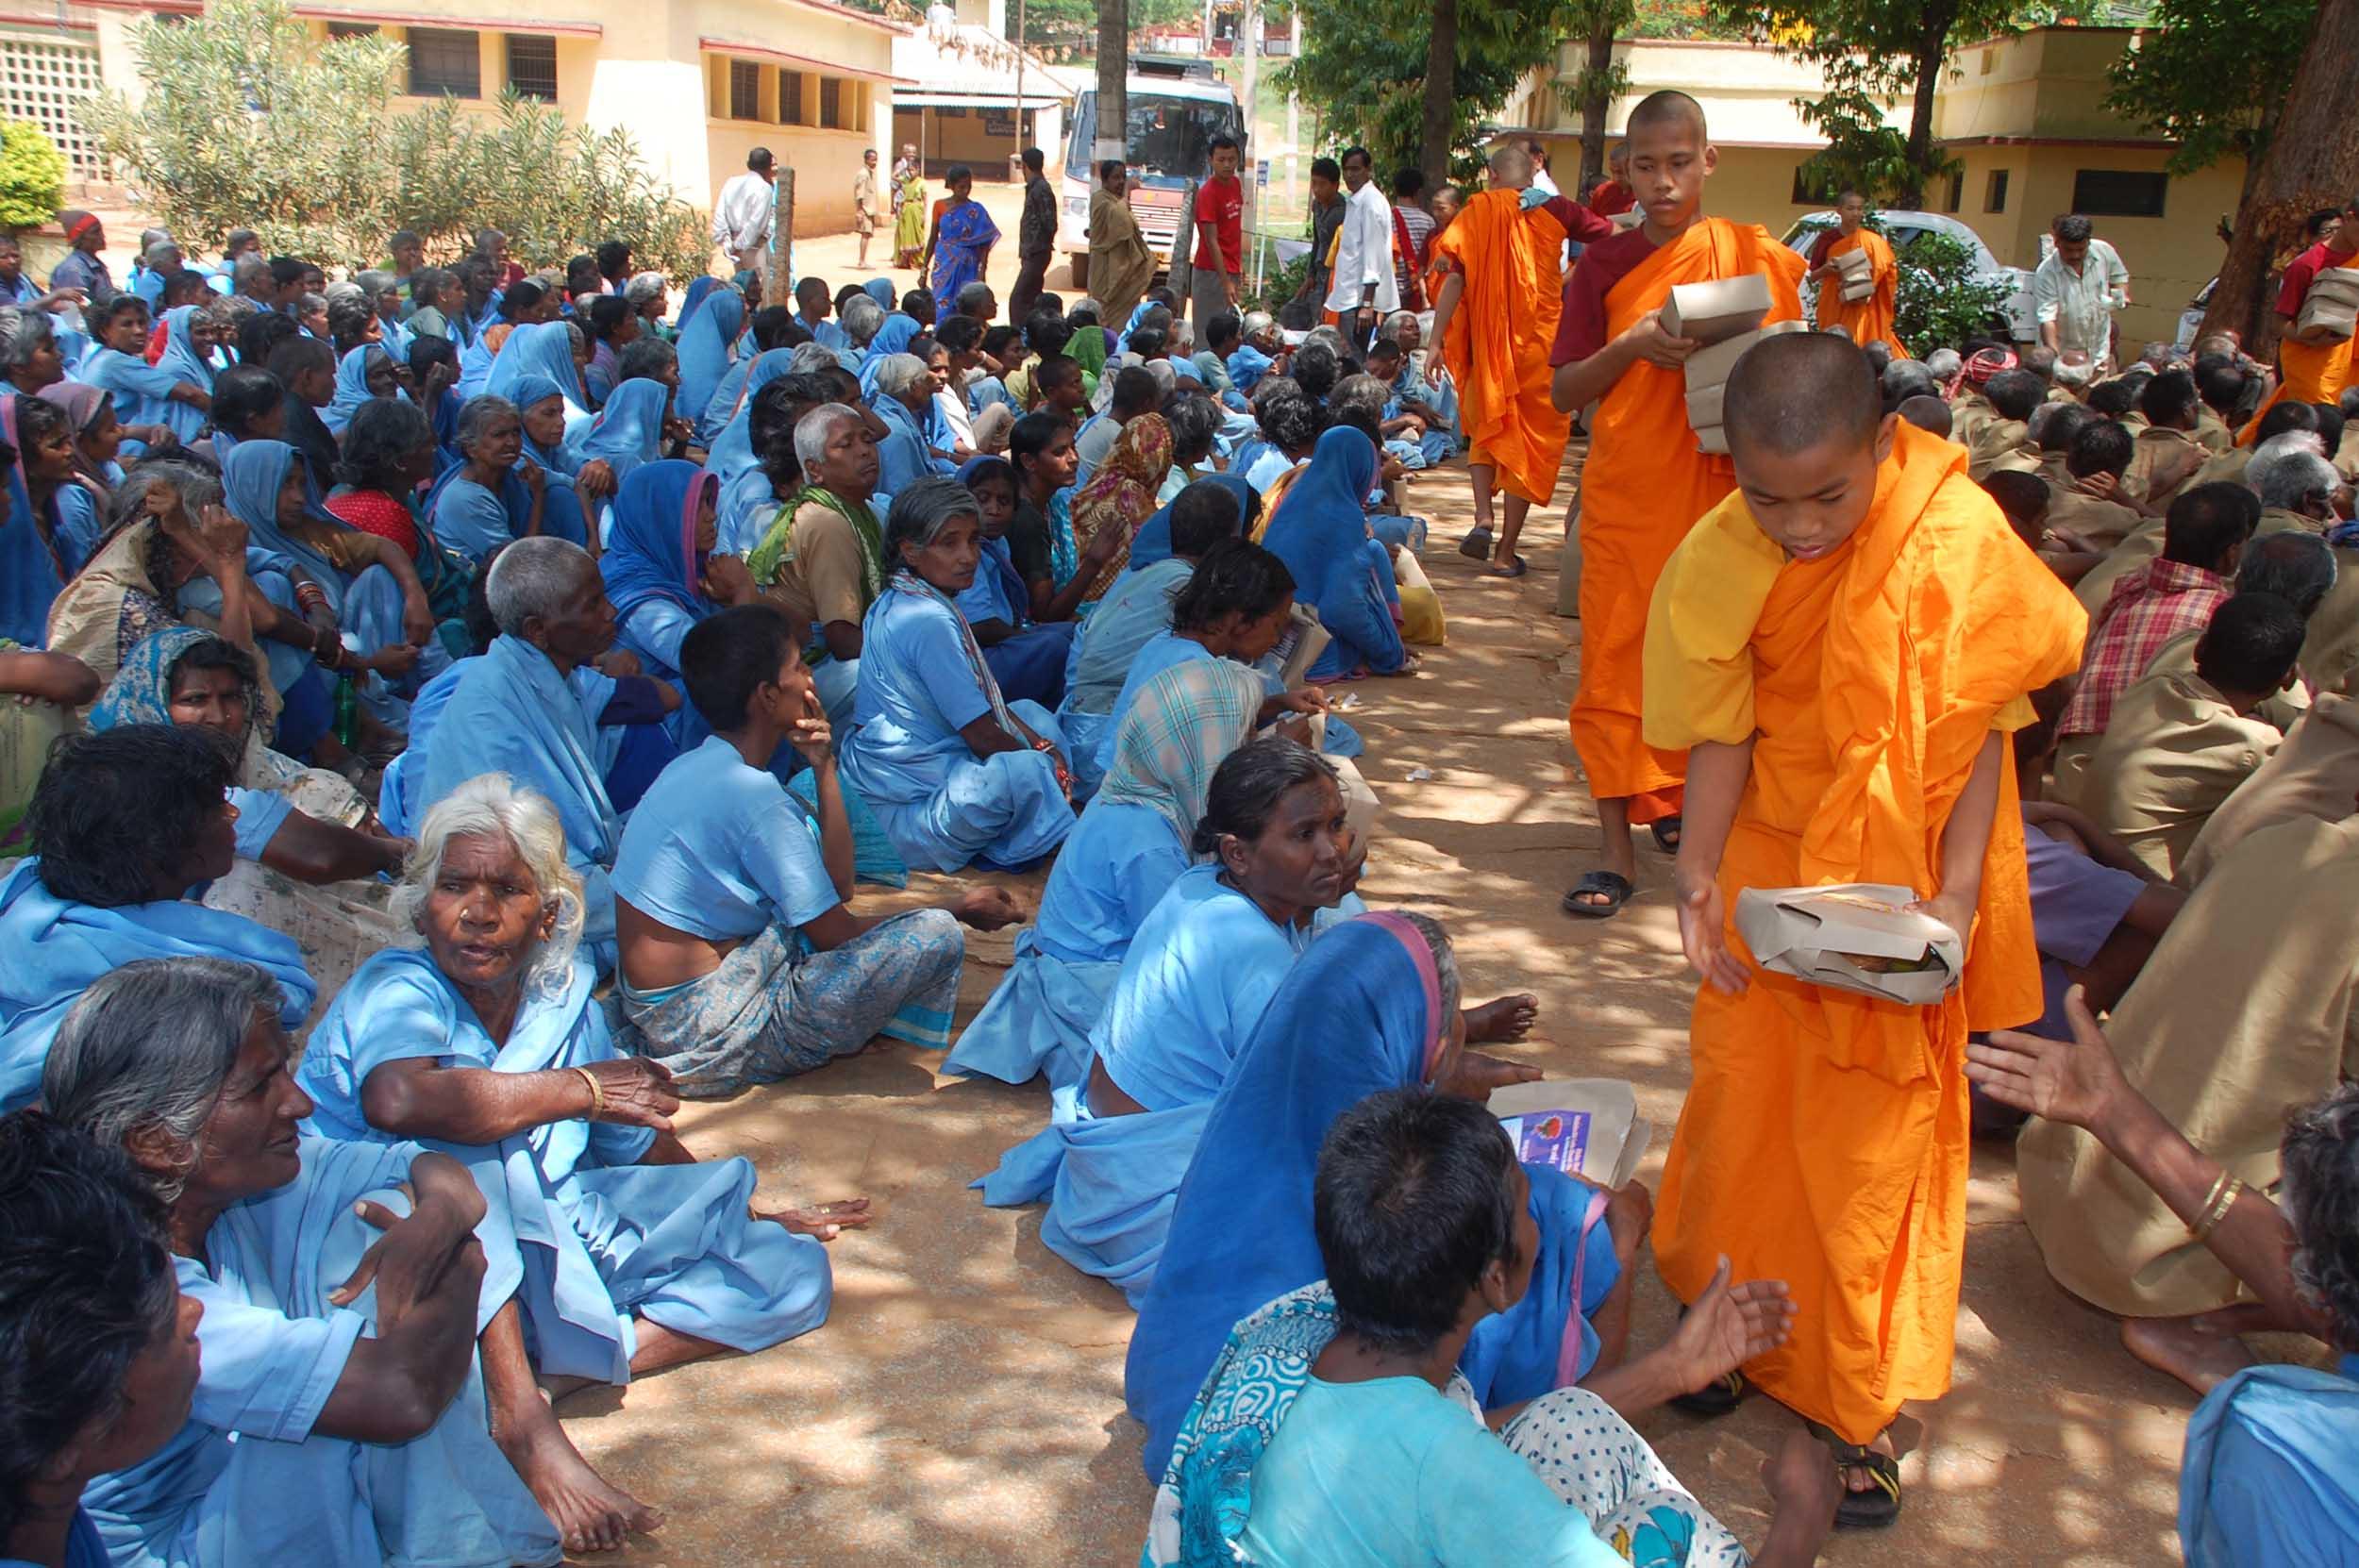 vesakha-buddha-jayanti-mahabodh-blr-2010 (27)